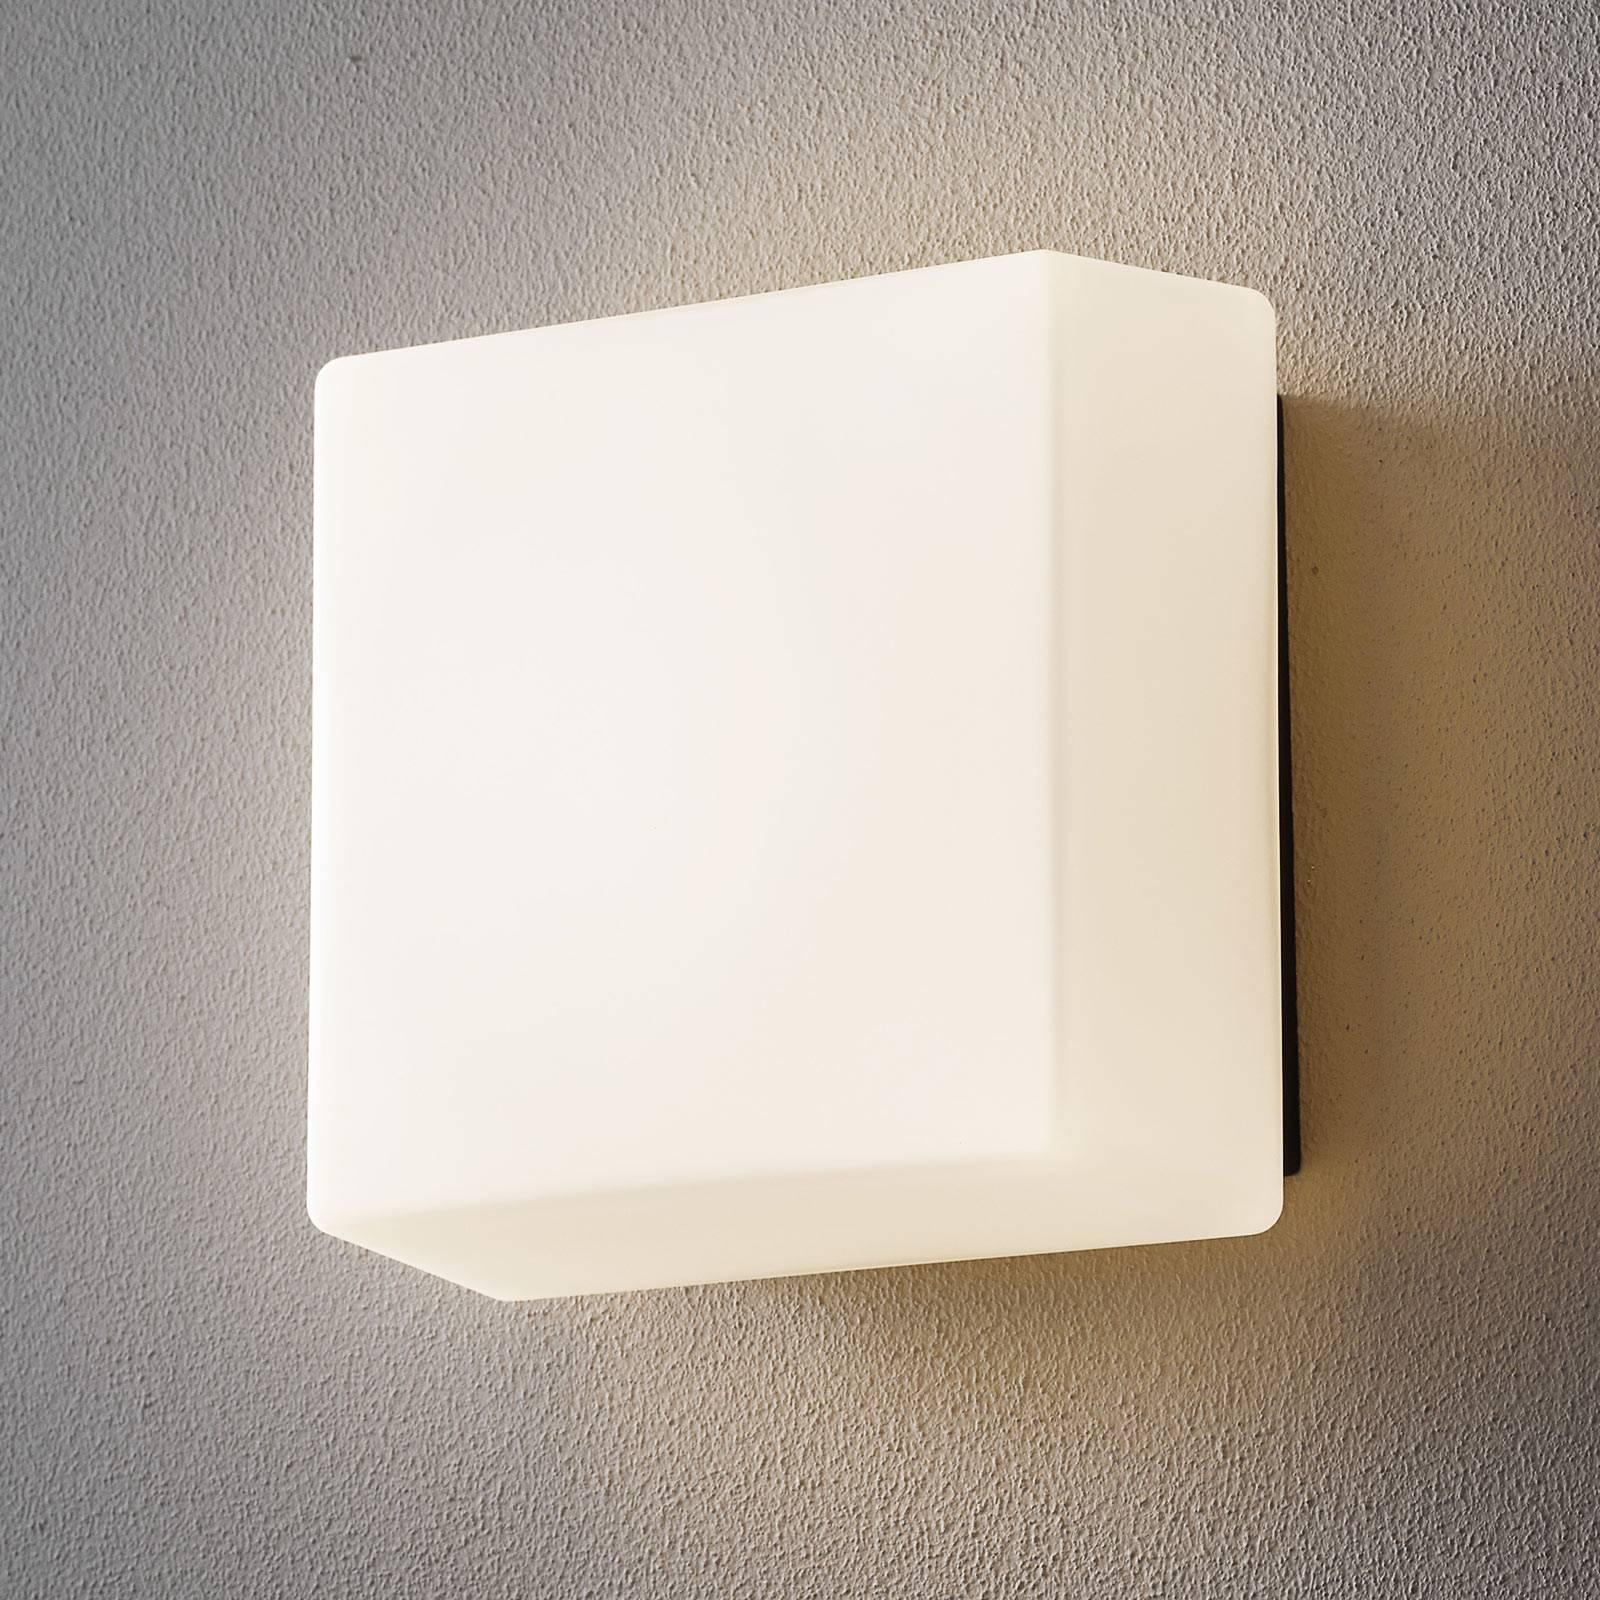 BEGA module 38300 applique LED 21x21cm